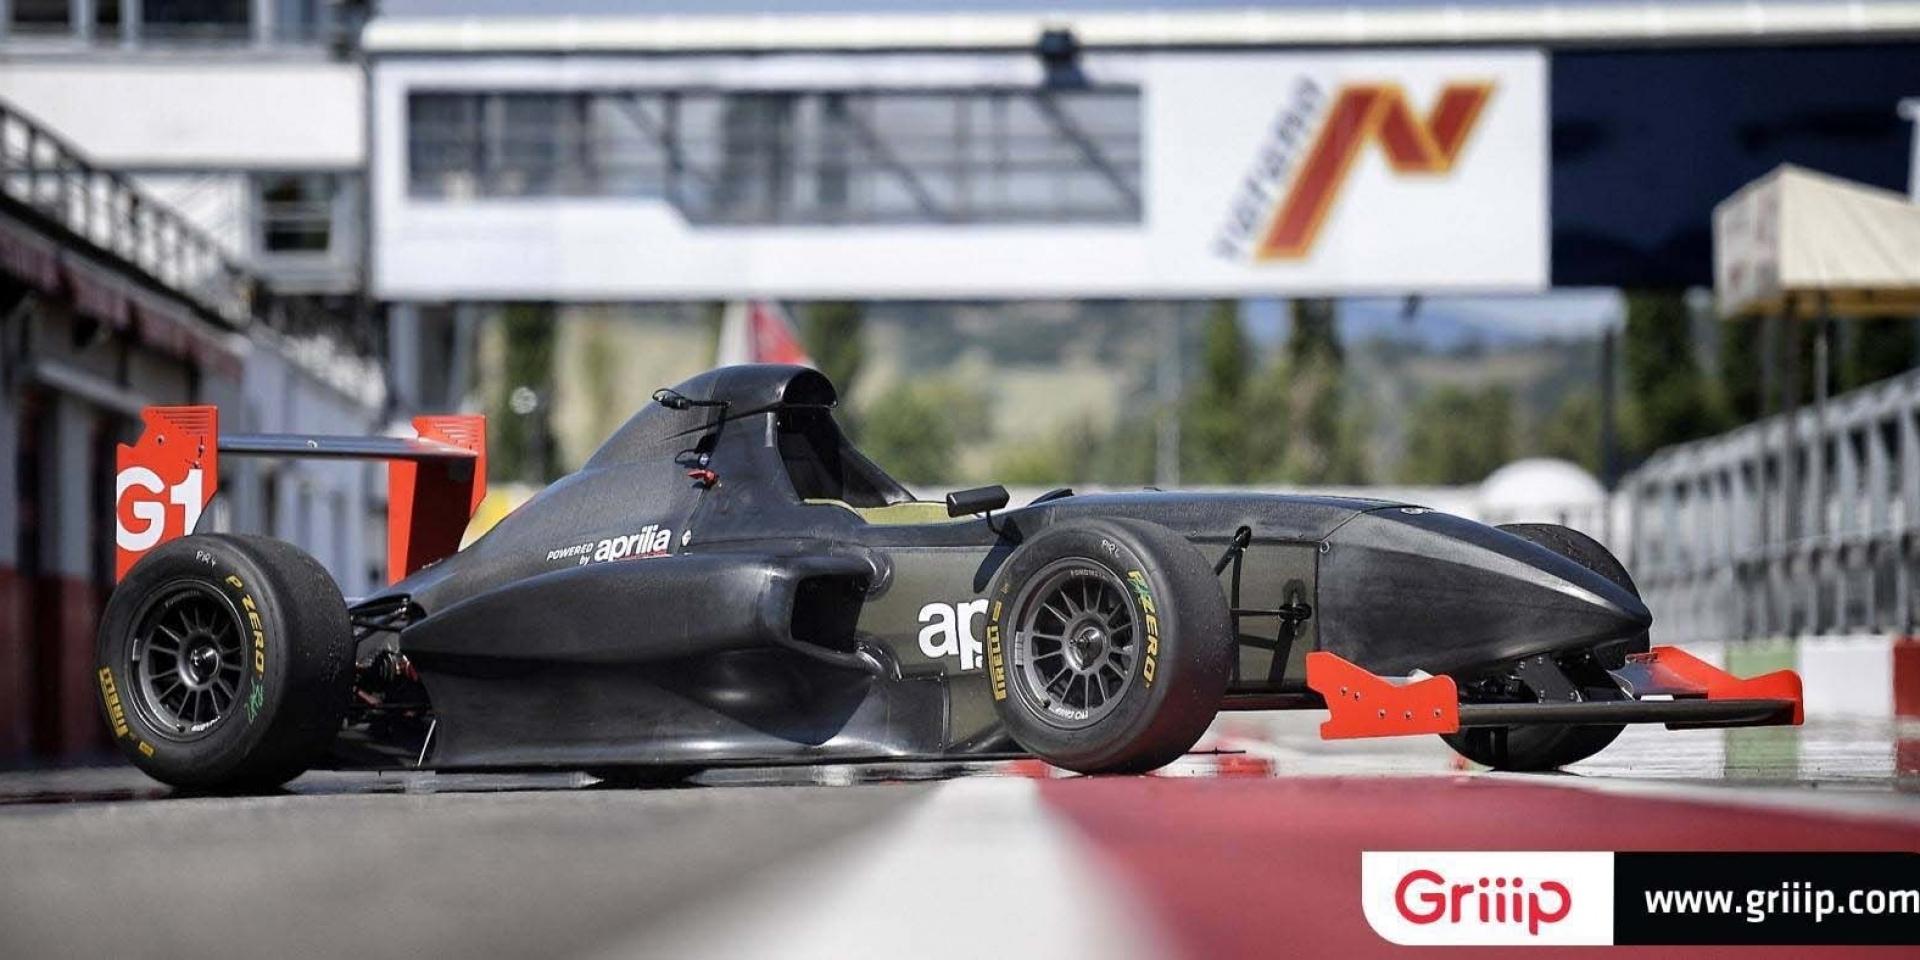 GRIIIP G1-APRILIA RSV4 引擎驅動的四輪賽車